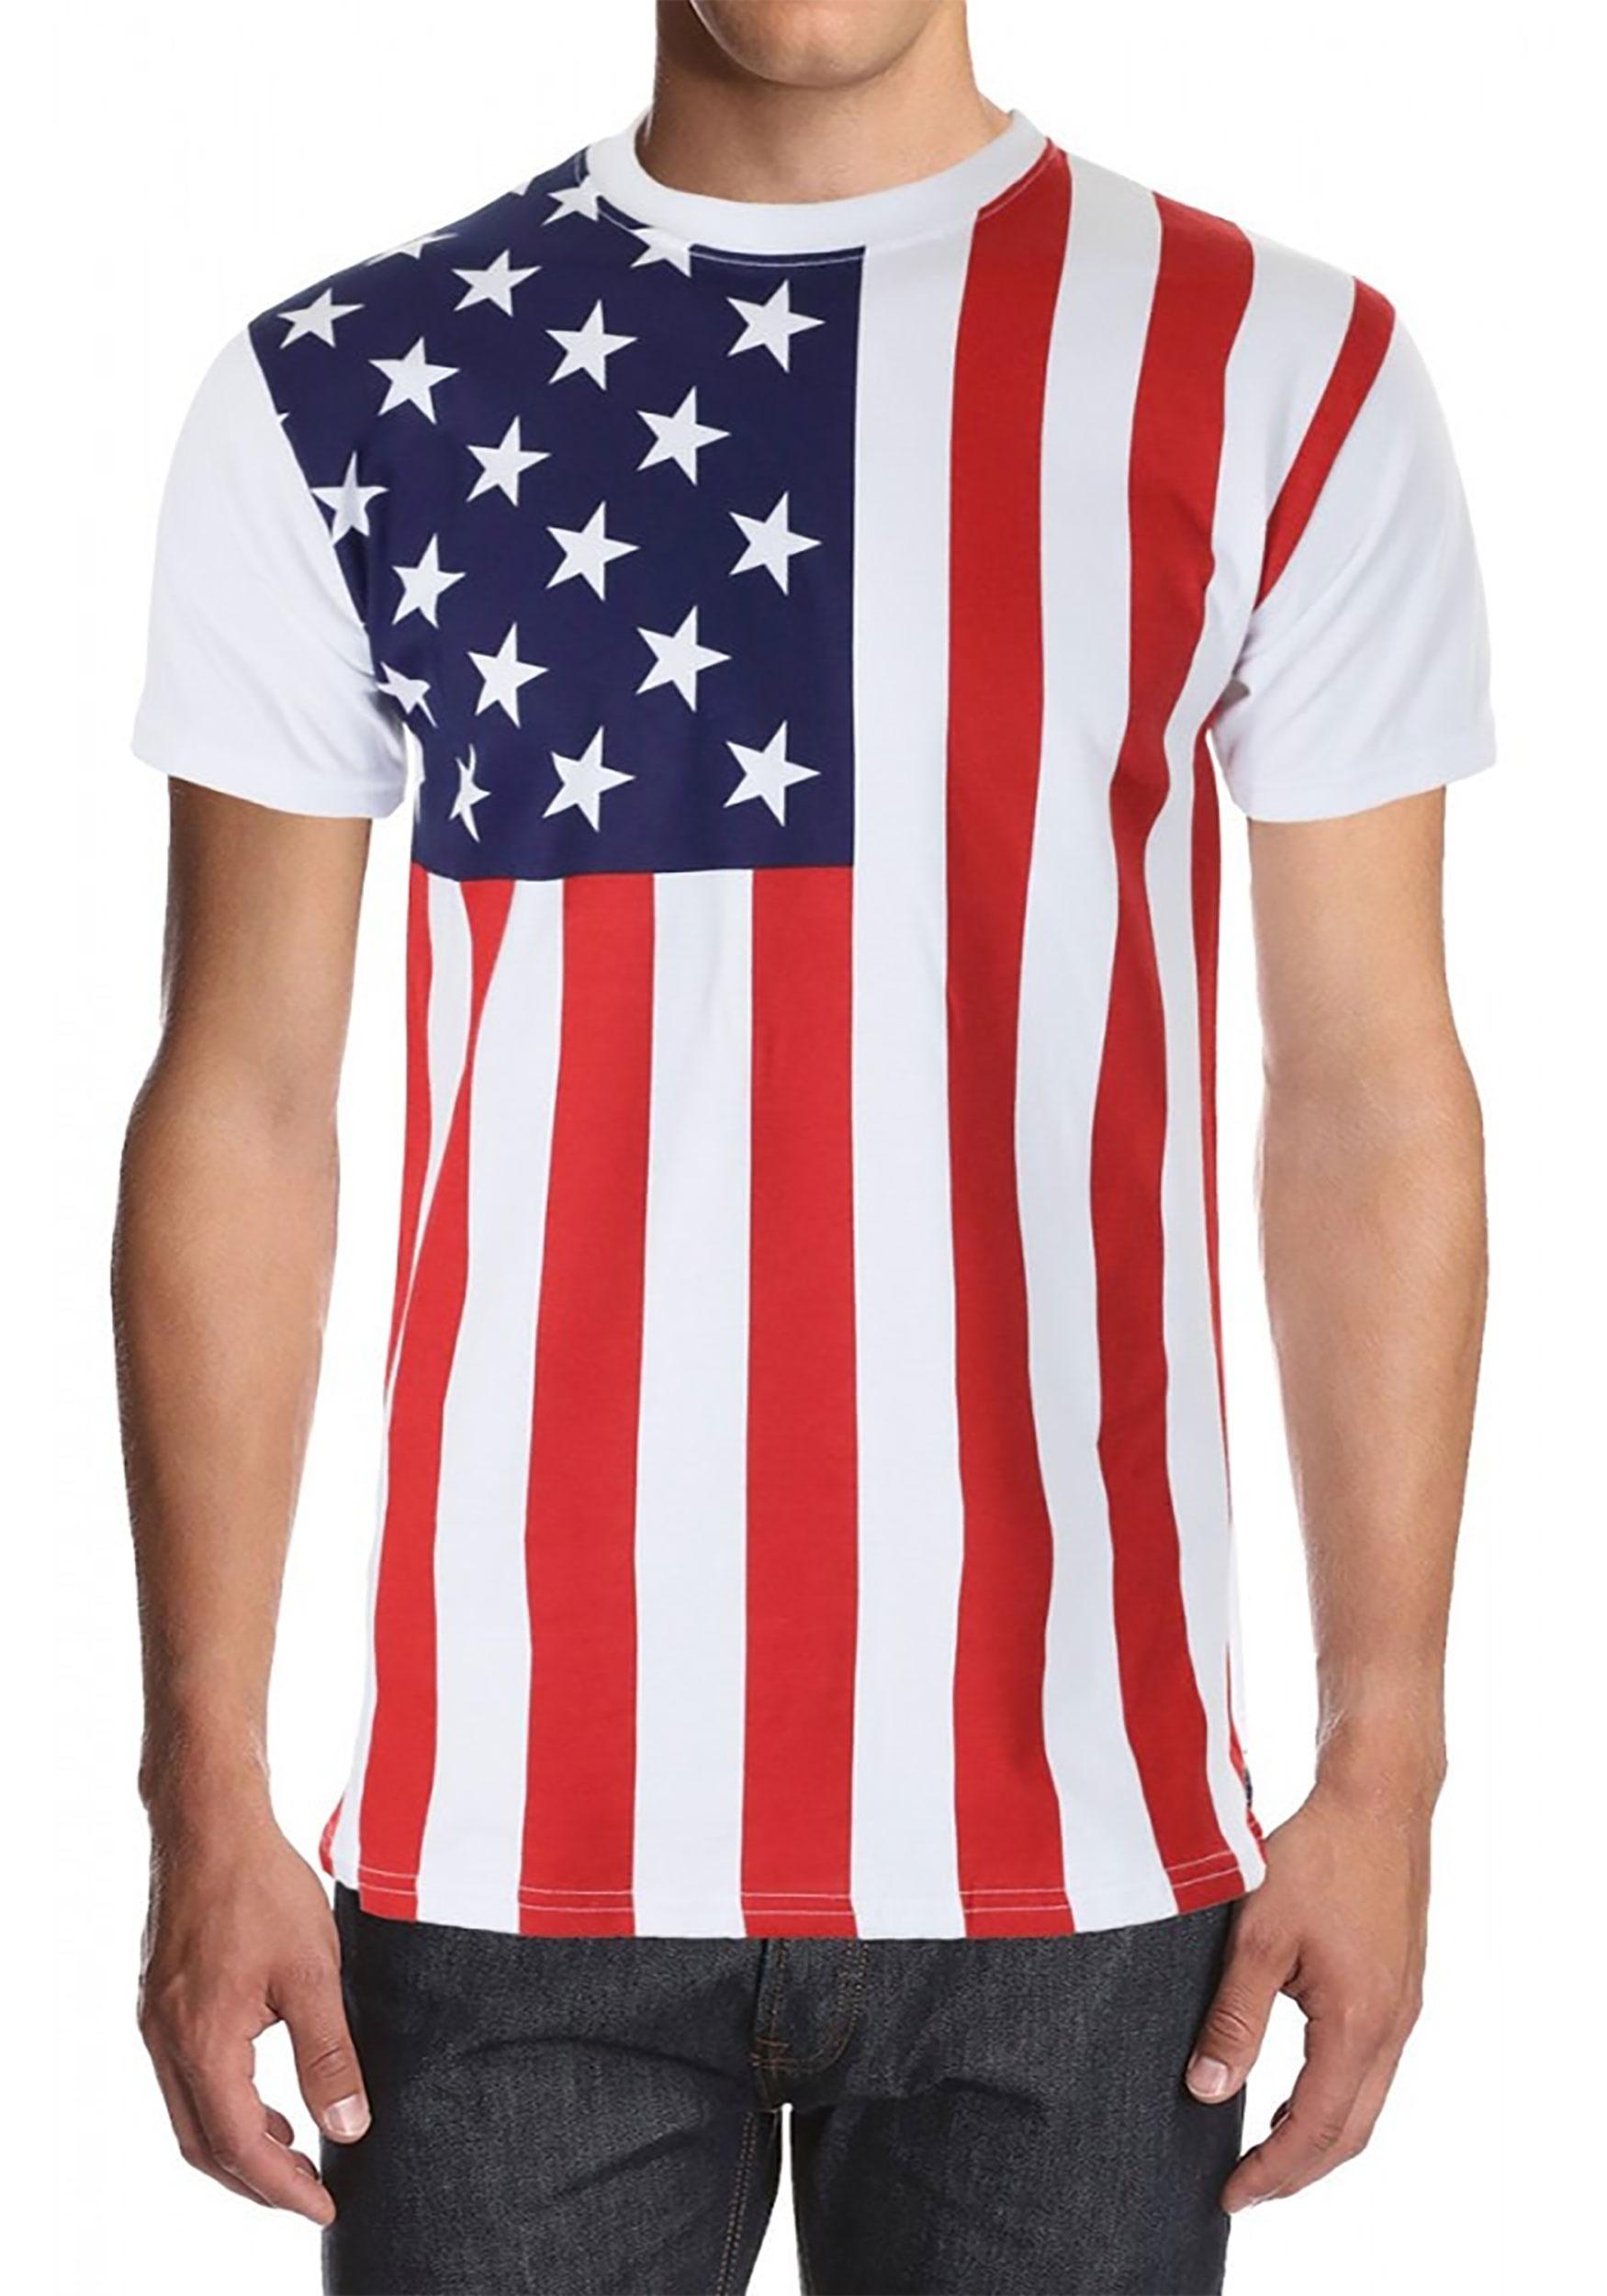 American Flag Shirt For Men